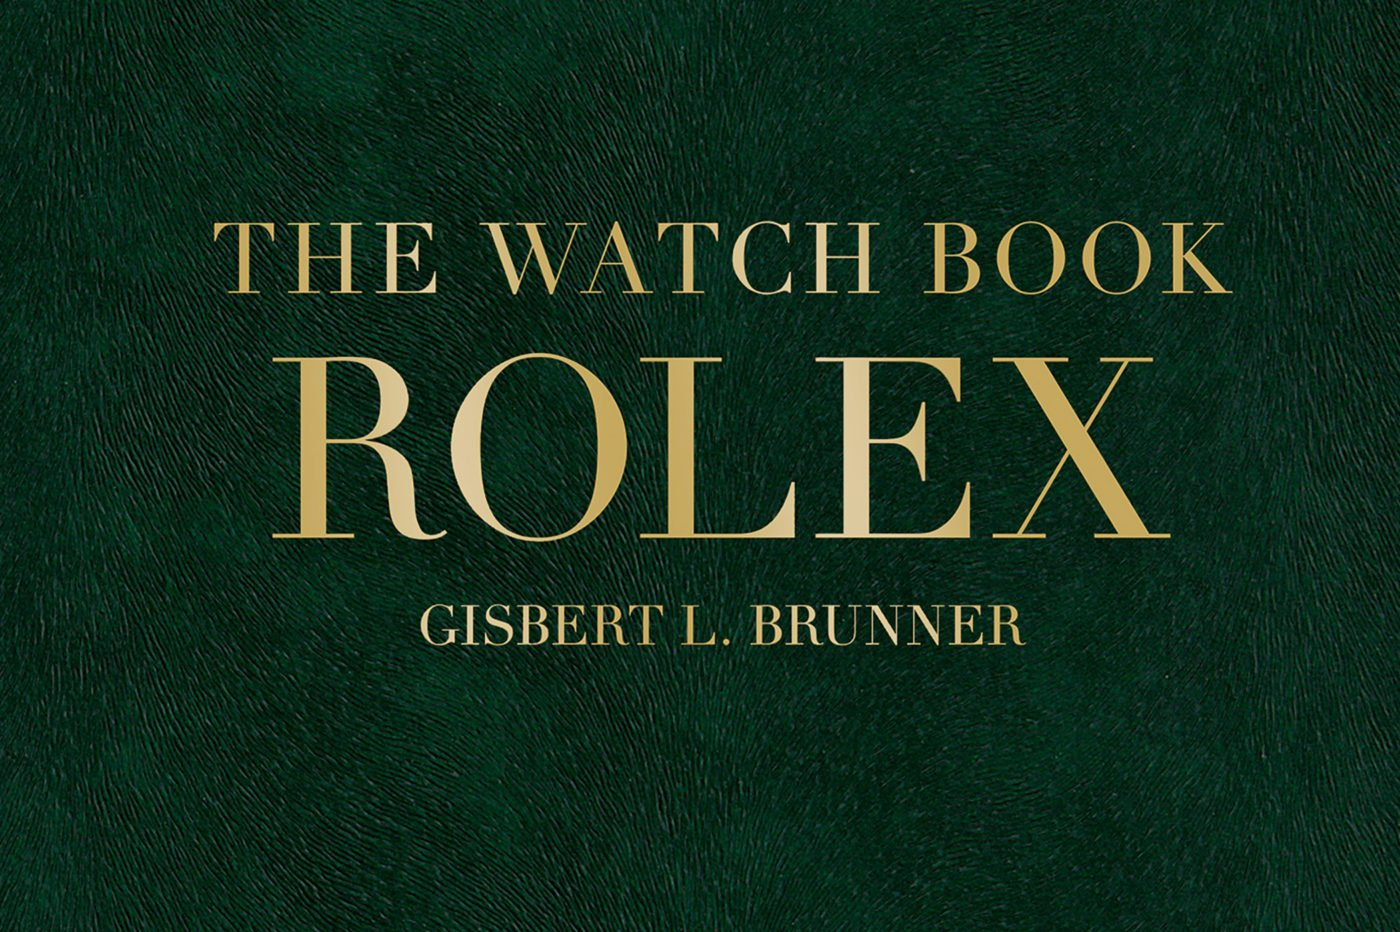 """Biblioteka: """"The Watch Book: ROLEX"""" – Gisbert L. Brunner"""